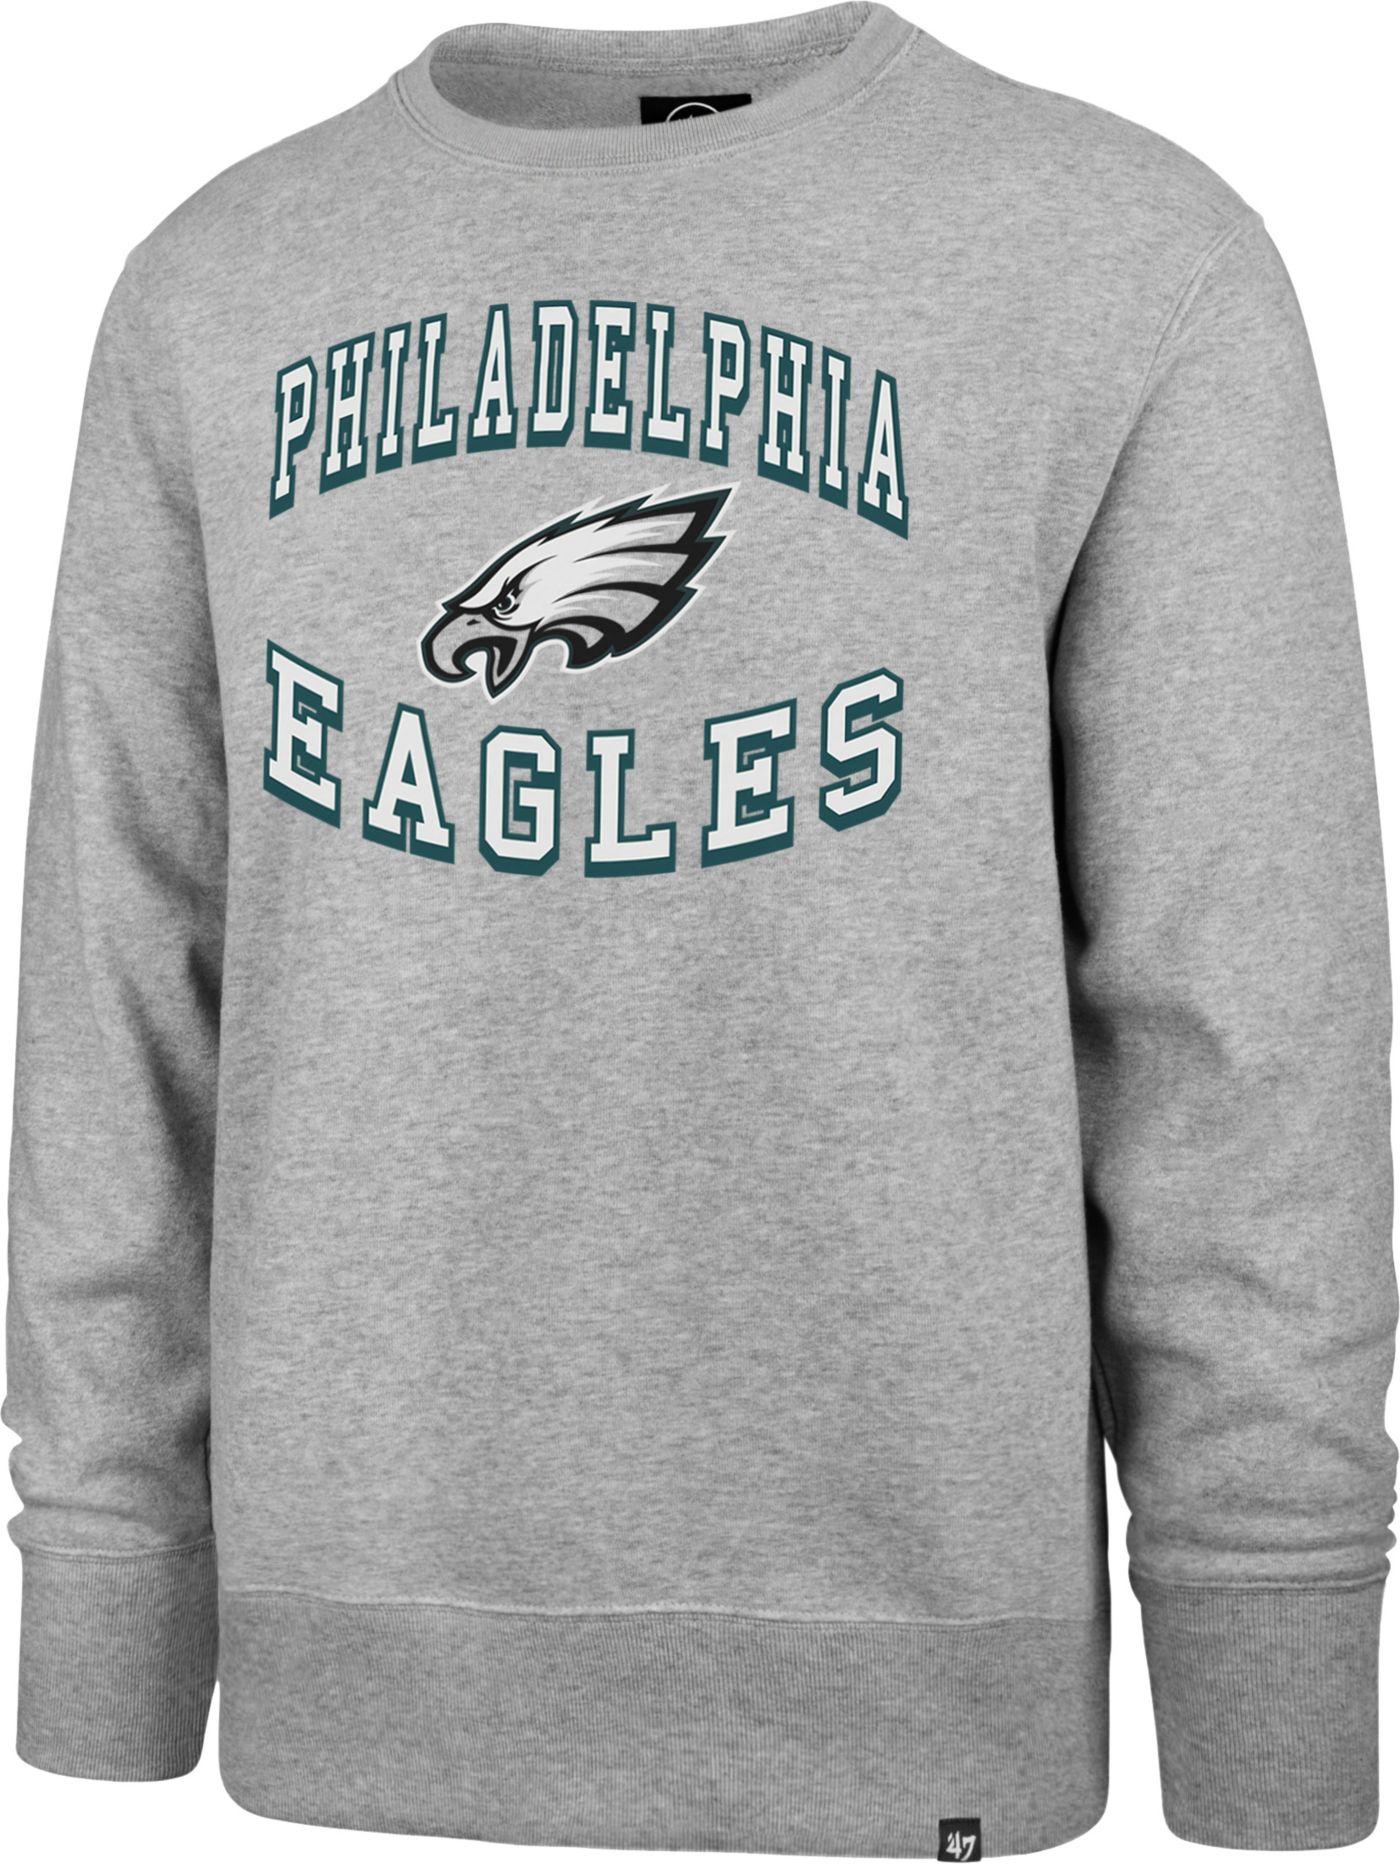 '47 Men's Philadelphia Eagles Headline Grey Crew